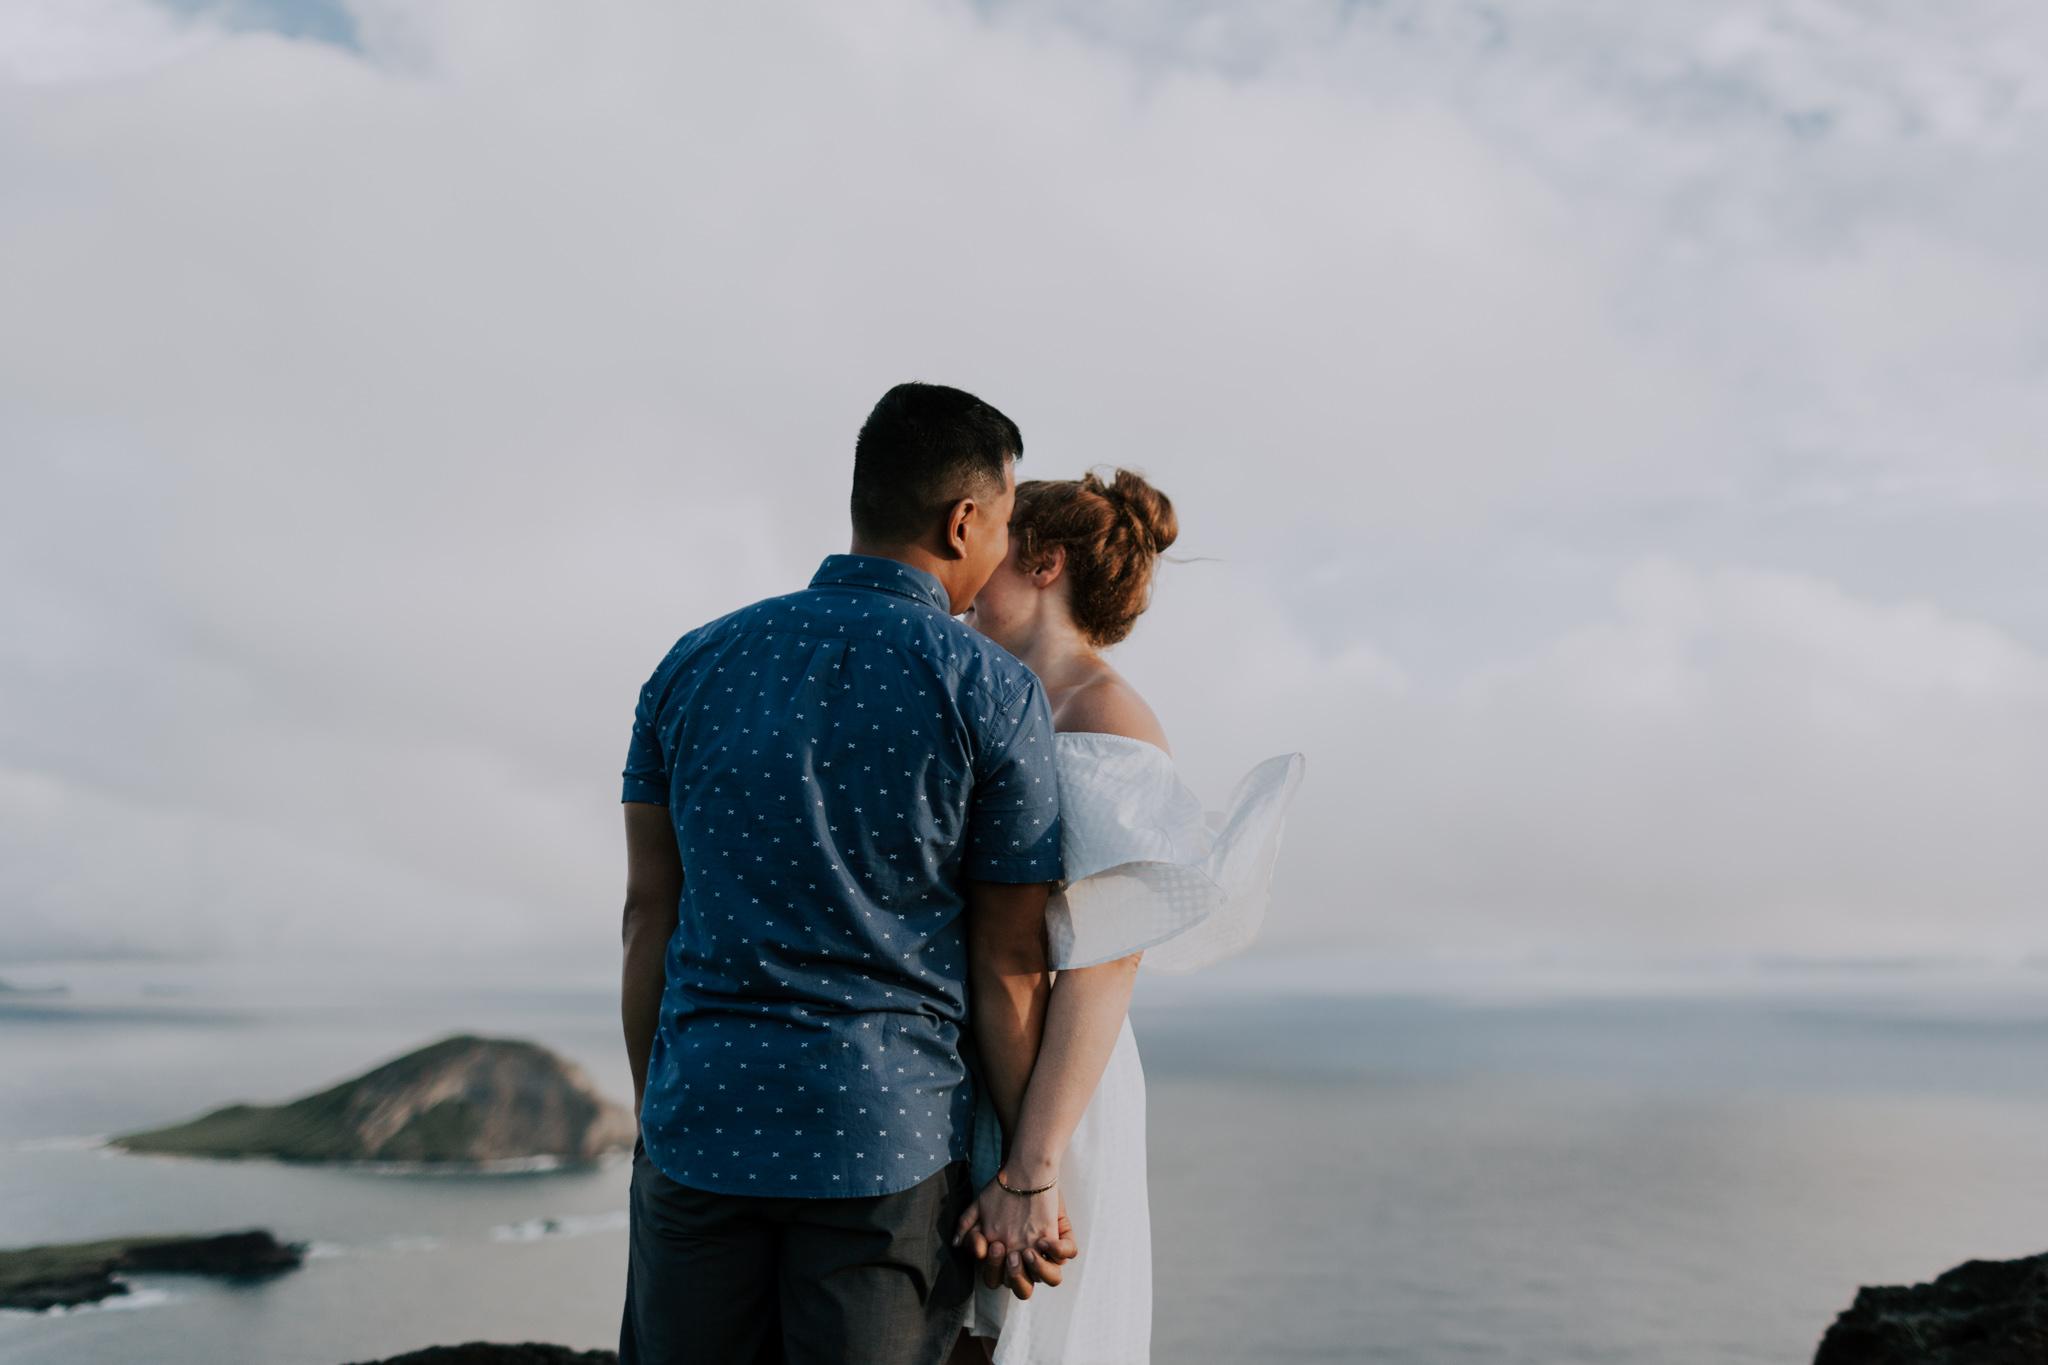 Oahu-Engagement-Session-Olivia-Alika-Vafa-Photo109.jpg